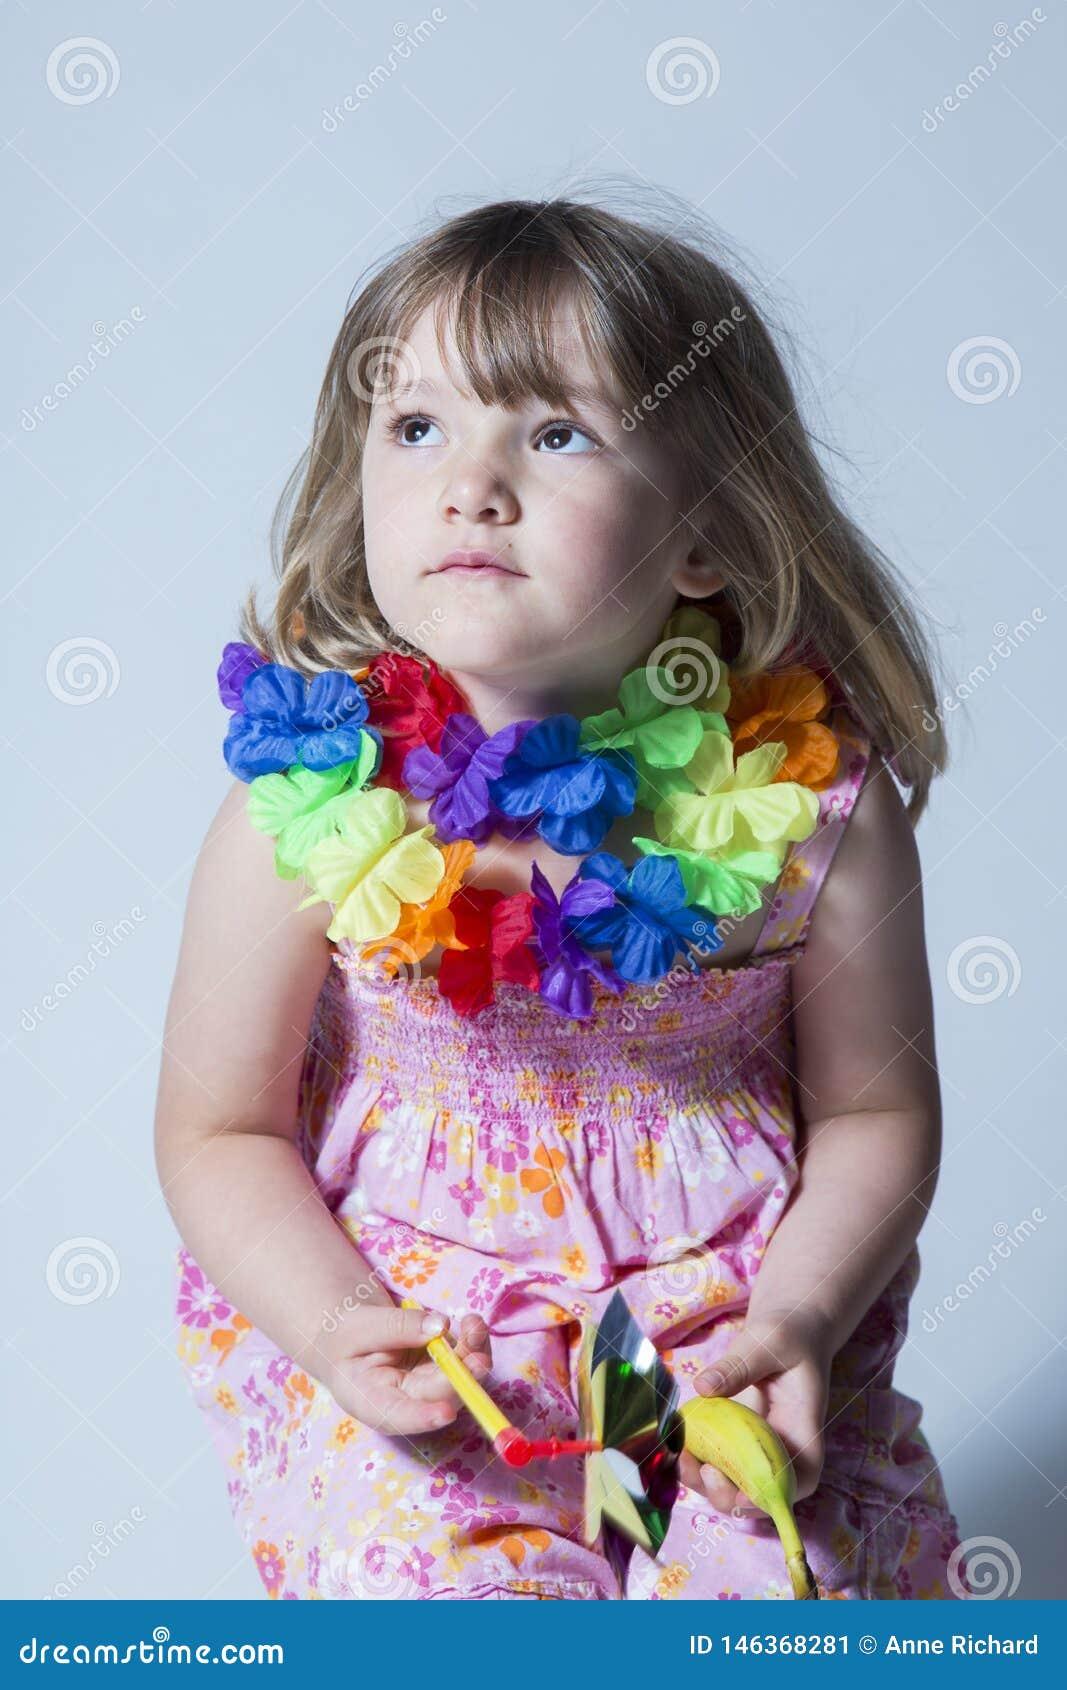 Το όμορφο μικρό κορίτσι έντυσε στη ρόδινη floral συνεδρίαση γιρλαντών λουλουδιών φορεμάτων και μεταξιού στο σκαμνί